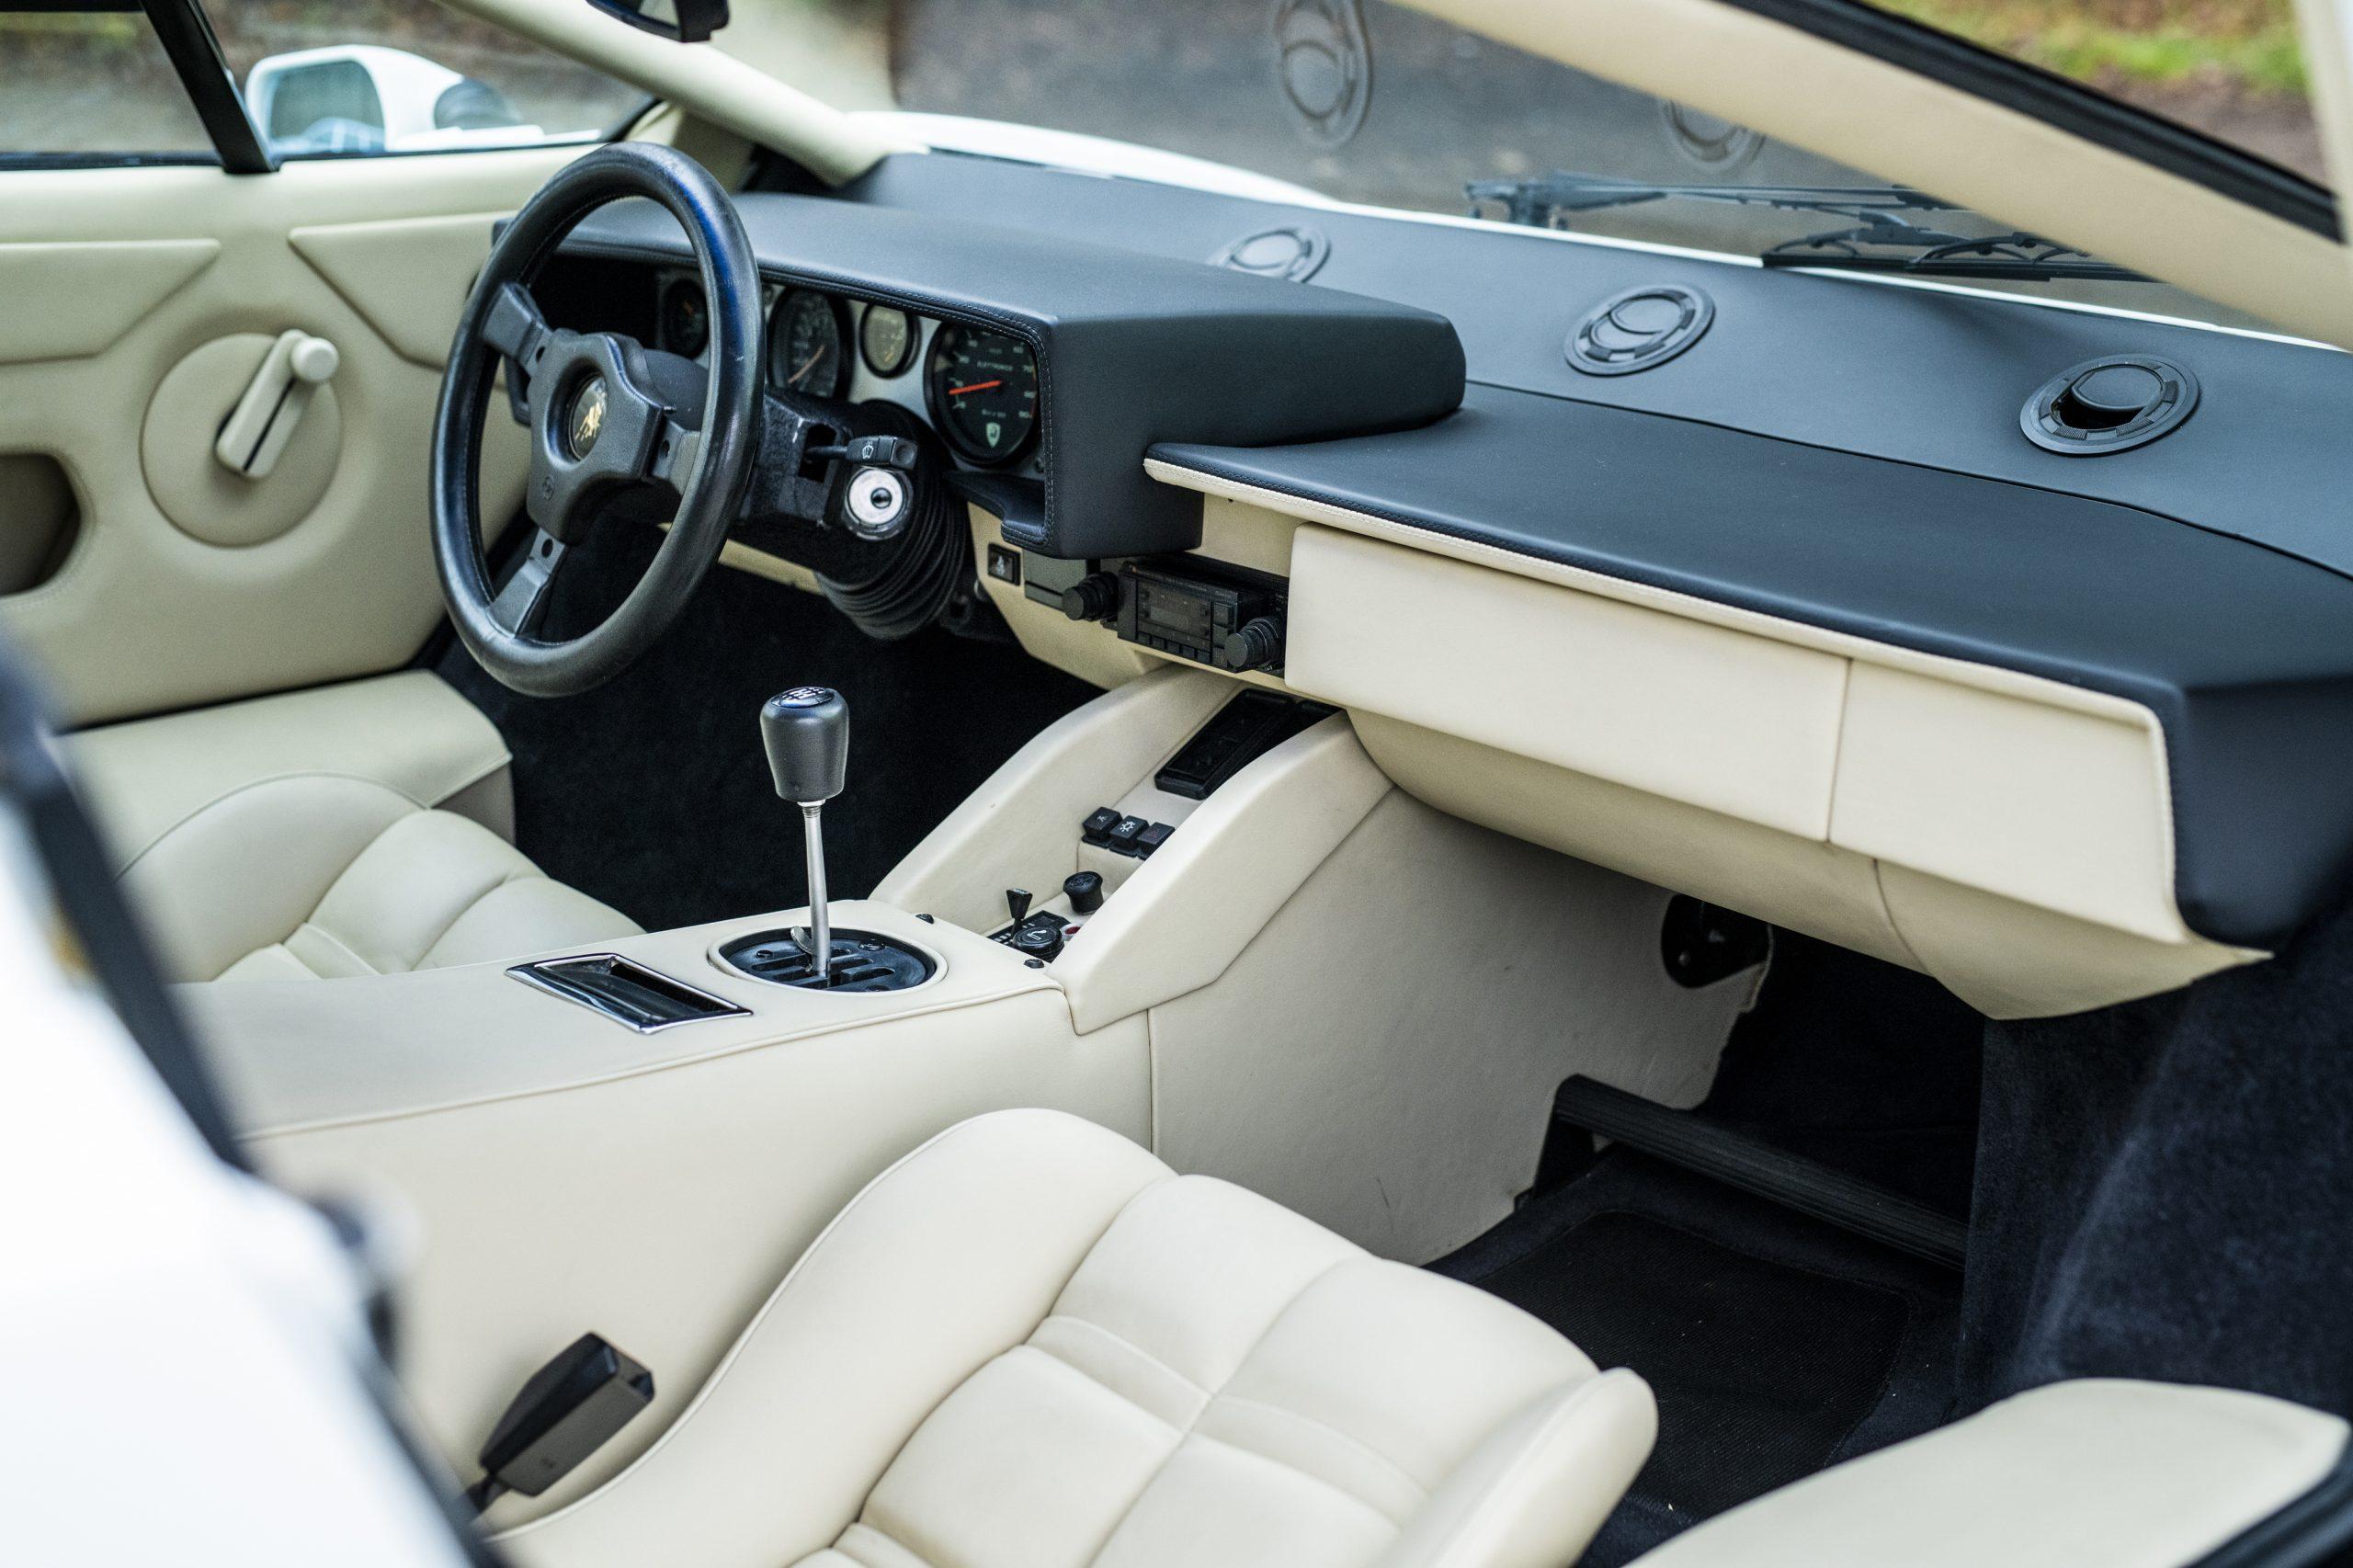 1984 Lamborghini Countach LP500 S by Bertone interior